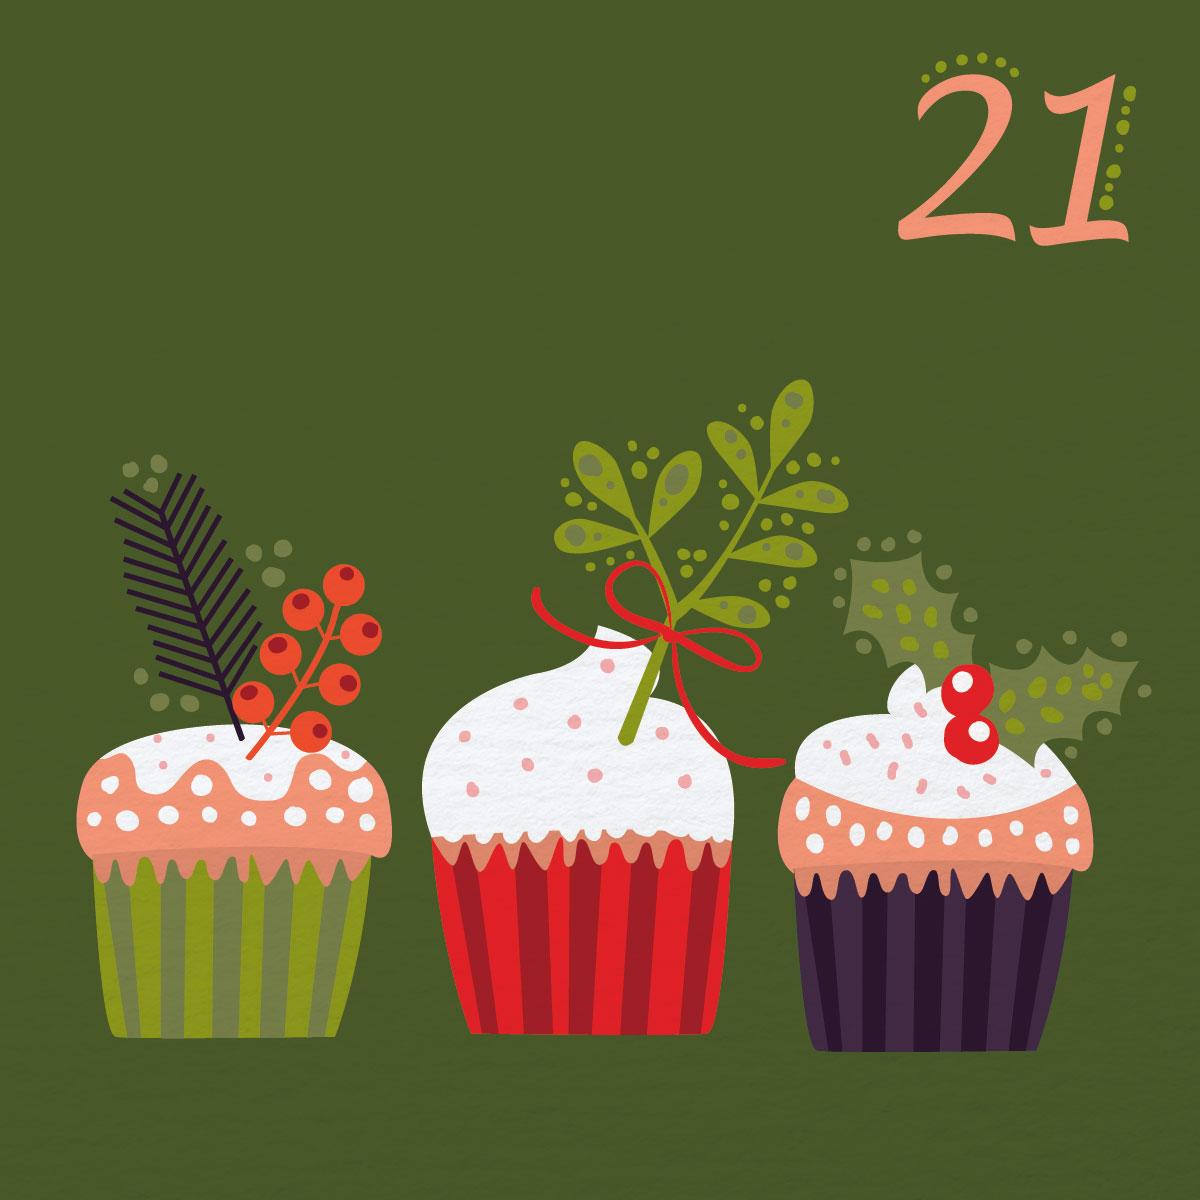 Julkalendern 2017 lucka 21